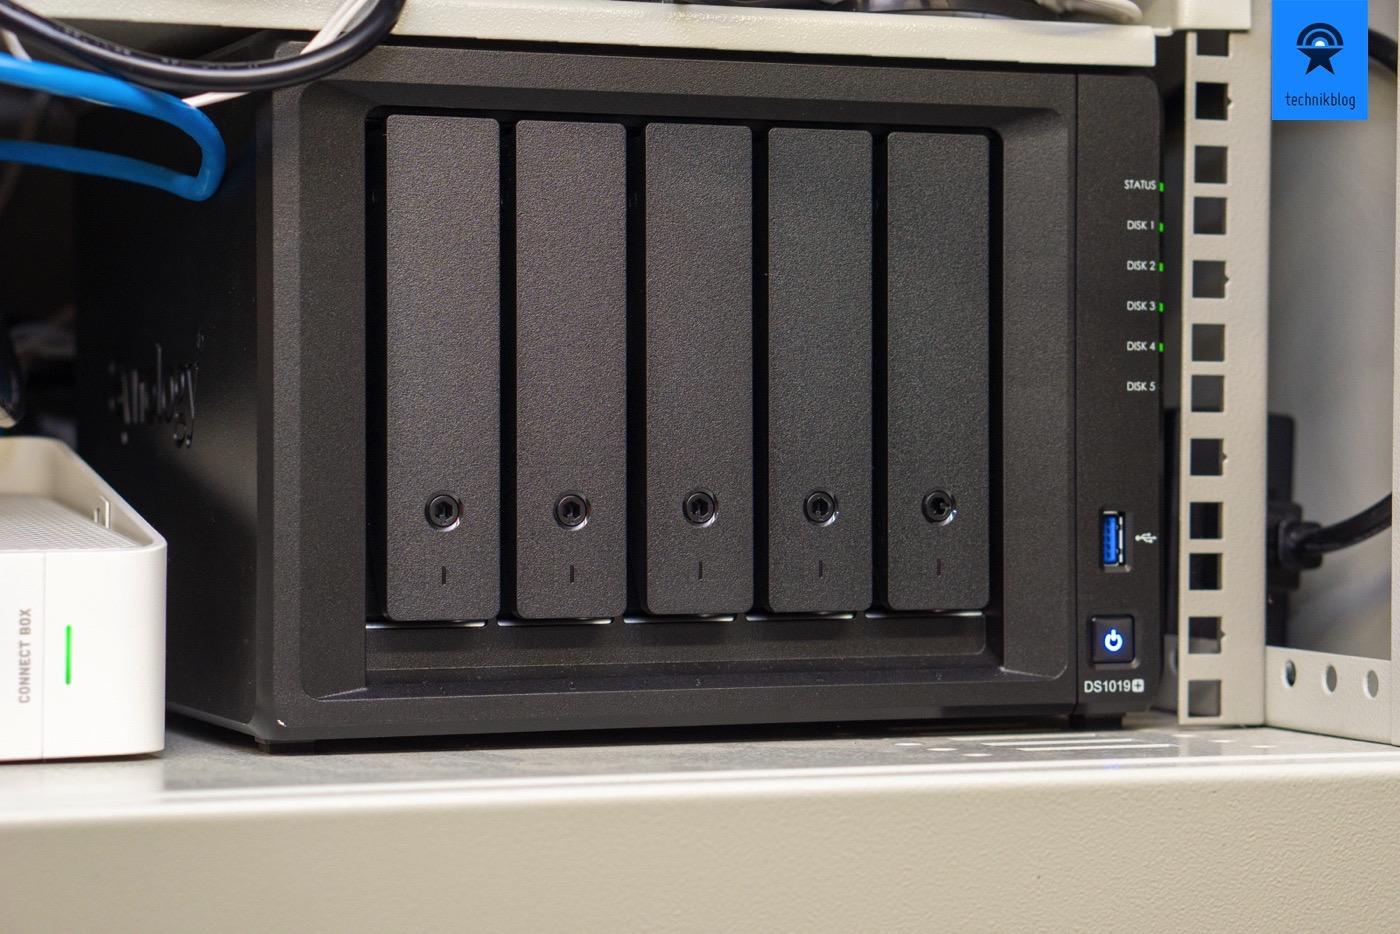 Meine Datenablage für OCR Scanning: Synology Diskstation